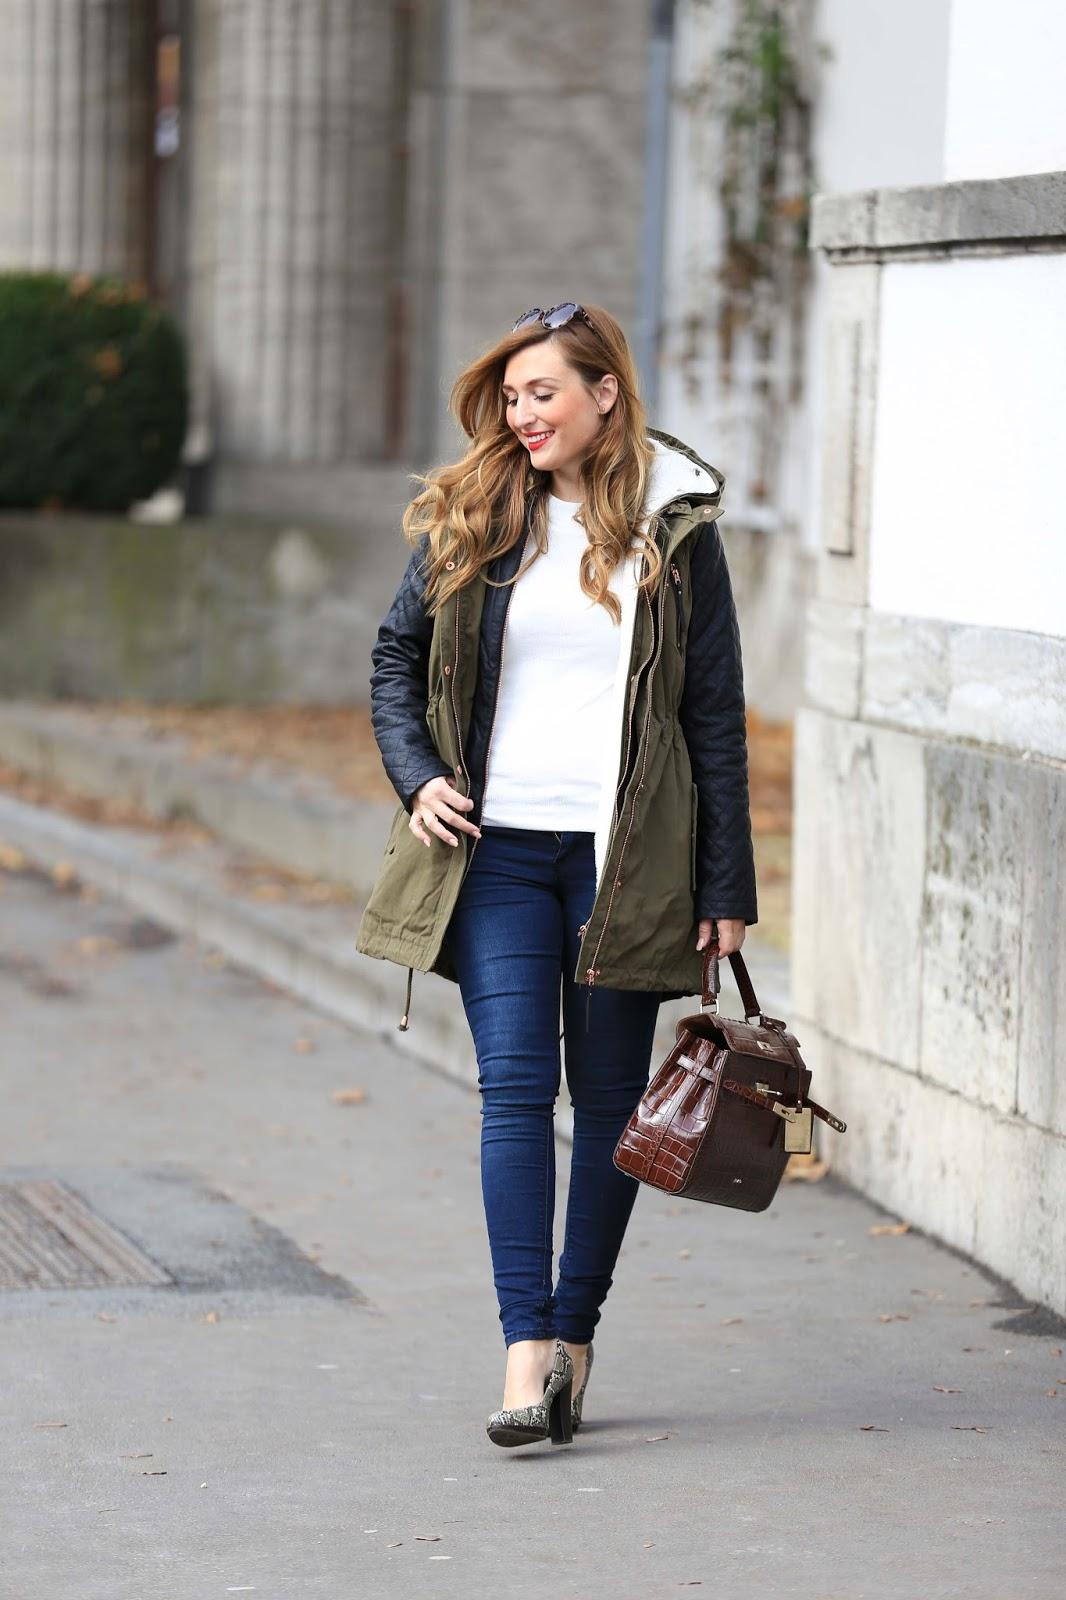 Winter-Street-Style-Picard-Tasche-Tasche-wie-von-Hermes-Fashionstylebyjohanna-Lifestyleblogger-Frakfurt-Fashionblogger-Blogger-aus fRANKFURT-Lifestyleblogger-Wellenstynjacke-Winterjacke-Khaki-Jacke